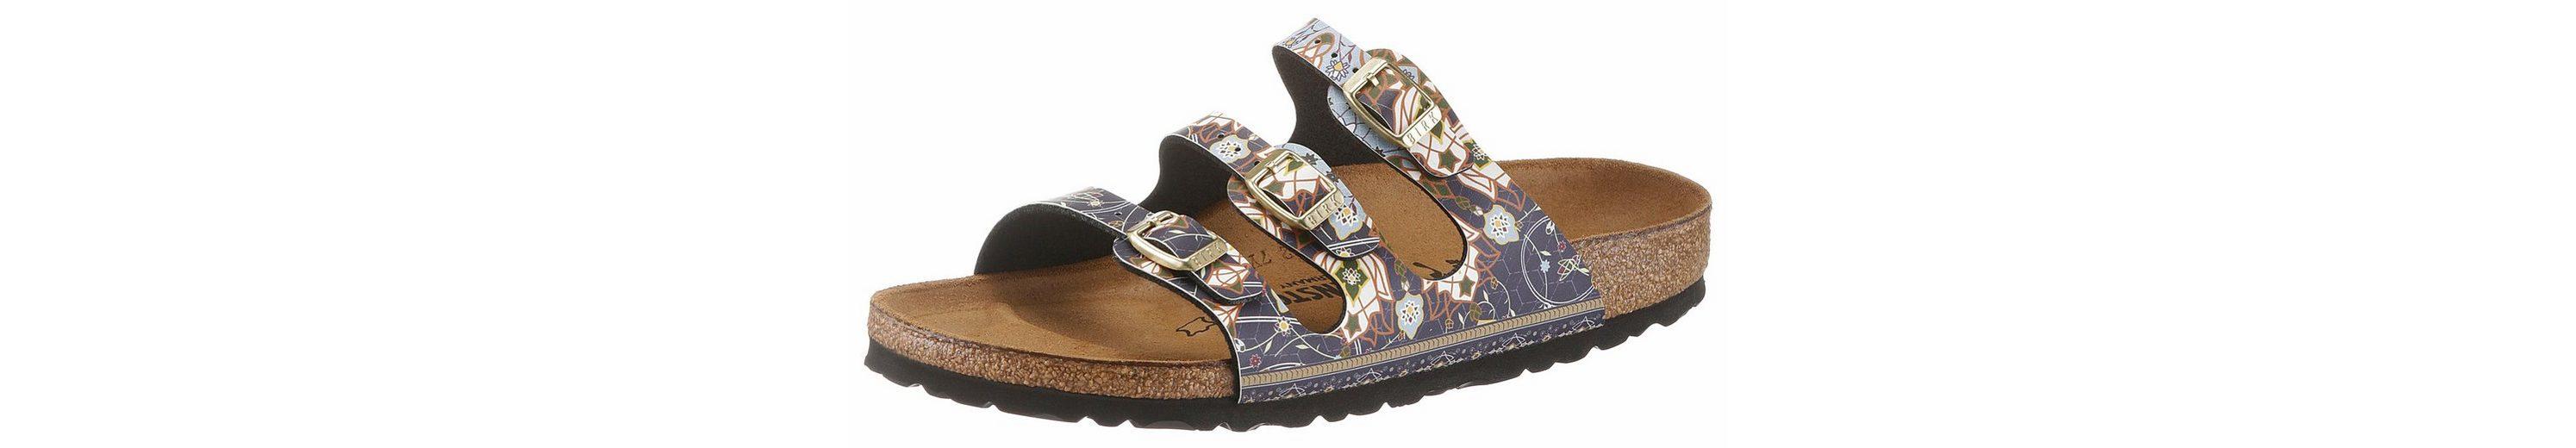 Birkenstock FLORIDA Pantolette, in schmaler Schuhweite, mit ergonomisch geformtem Fußbett